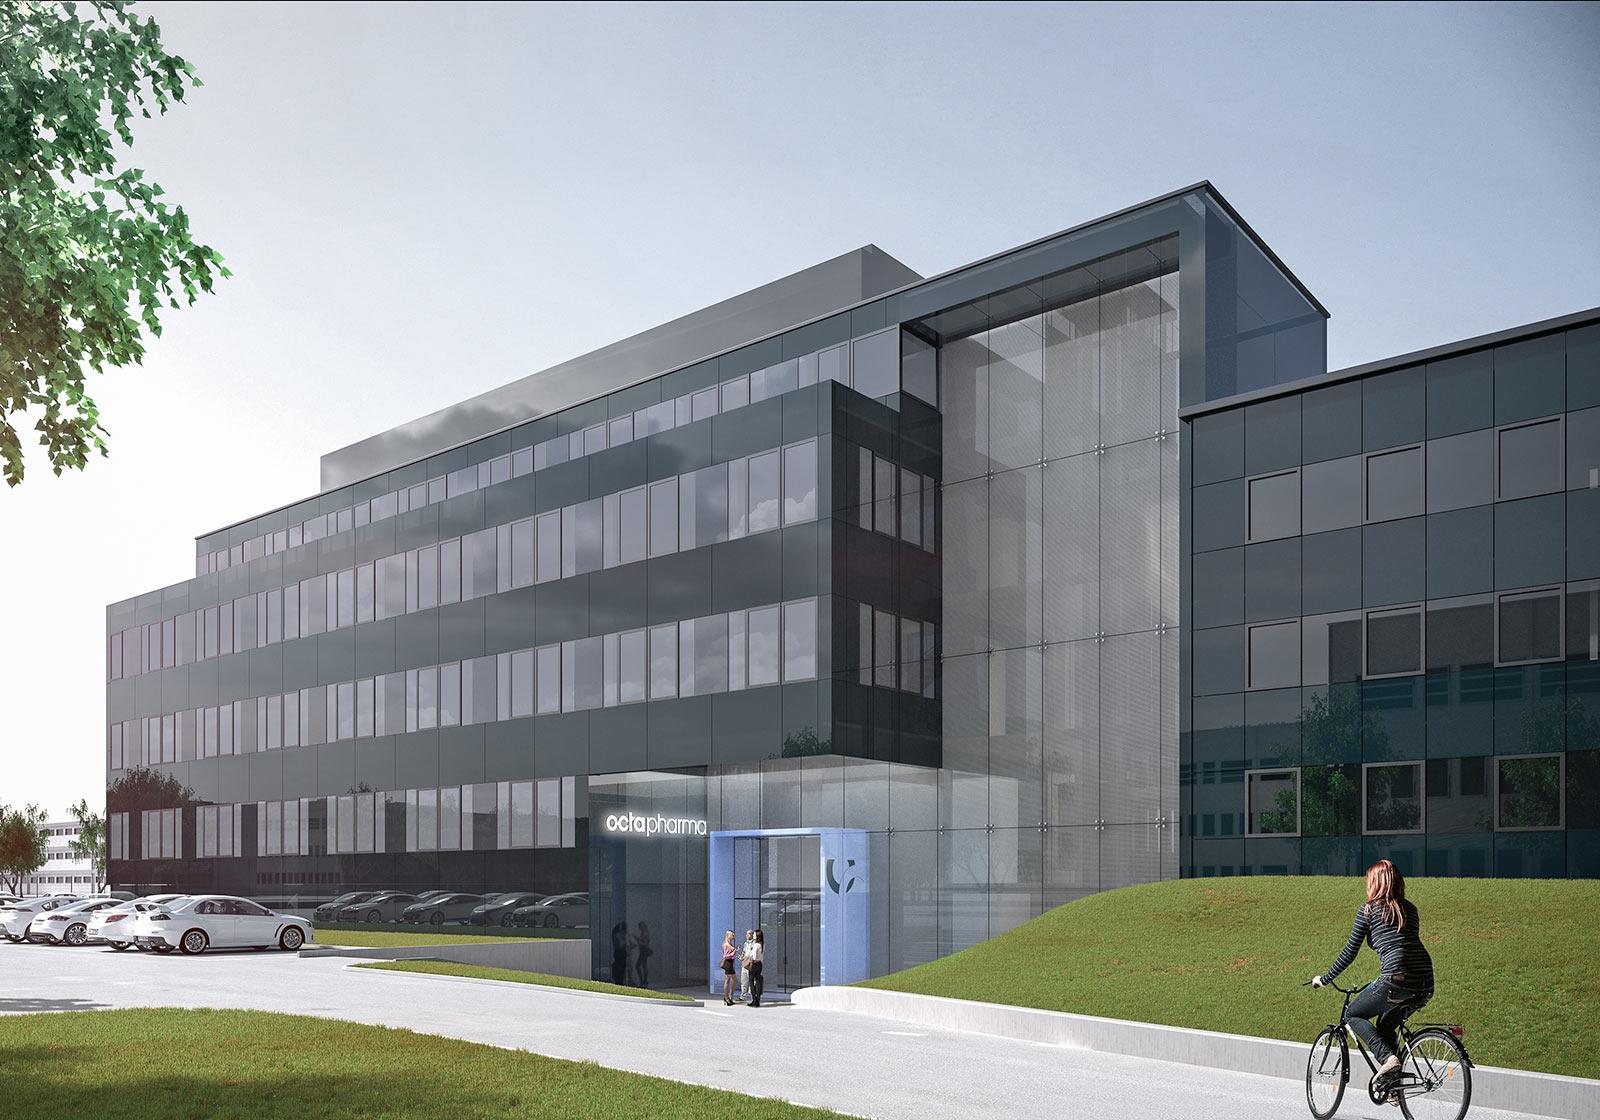 Головное здание департамента R&D располагает современными помещениями для исследований и административных функций. Визуализация: ATP